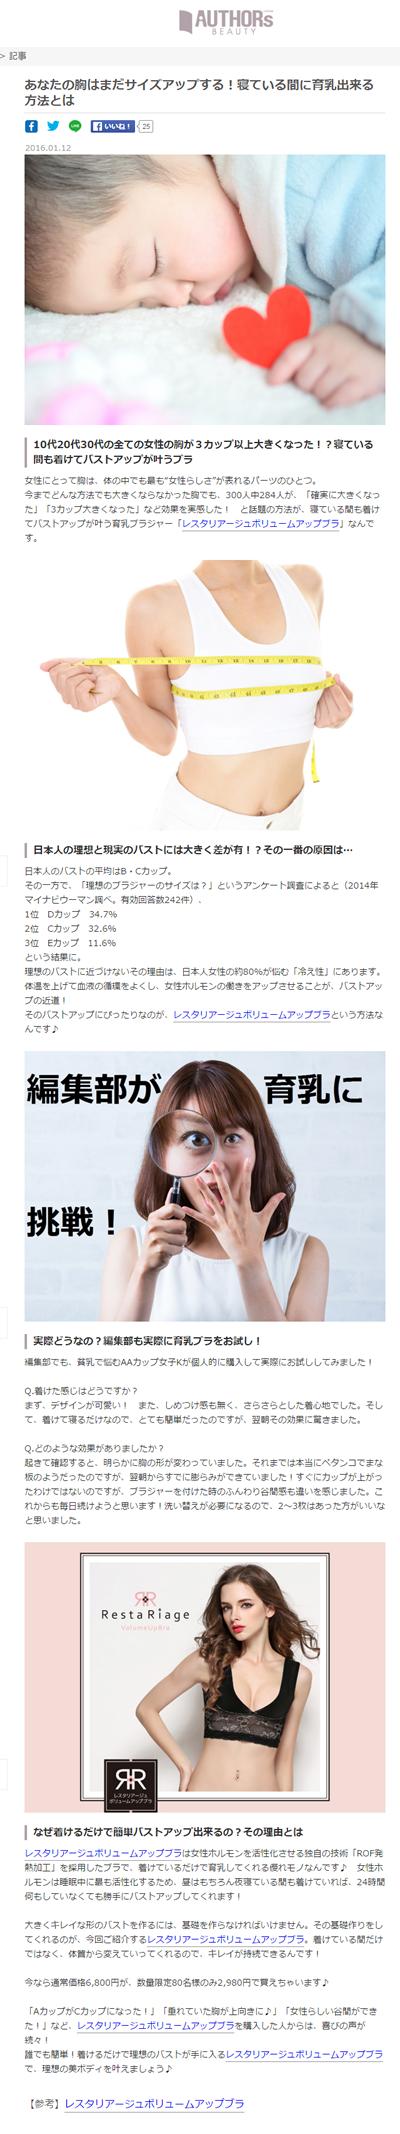 1月12日オーサーズscreencapture-beauty-authors-jp-pr-21119-1456747665743